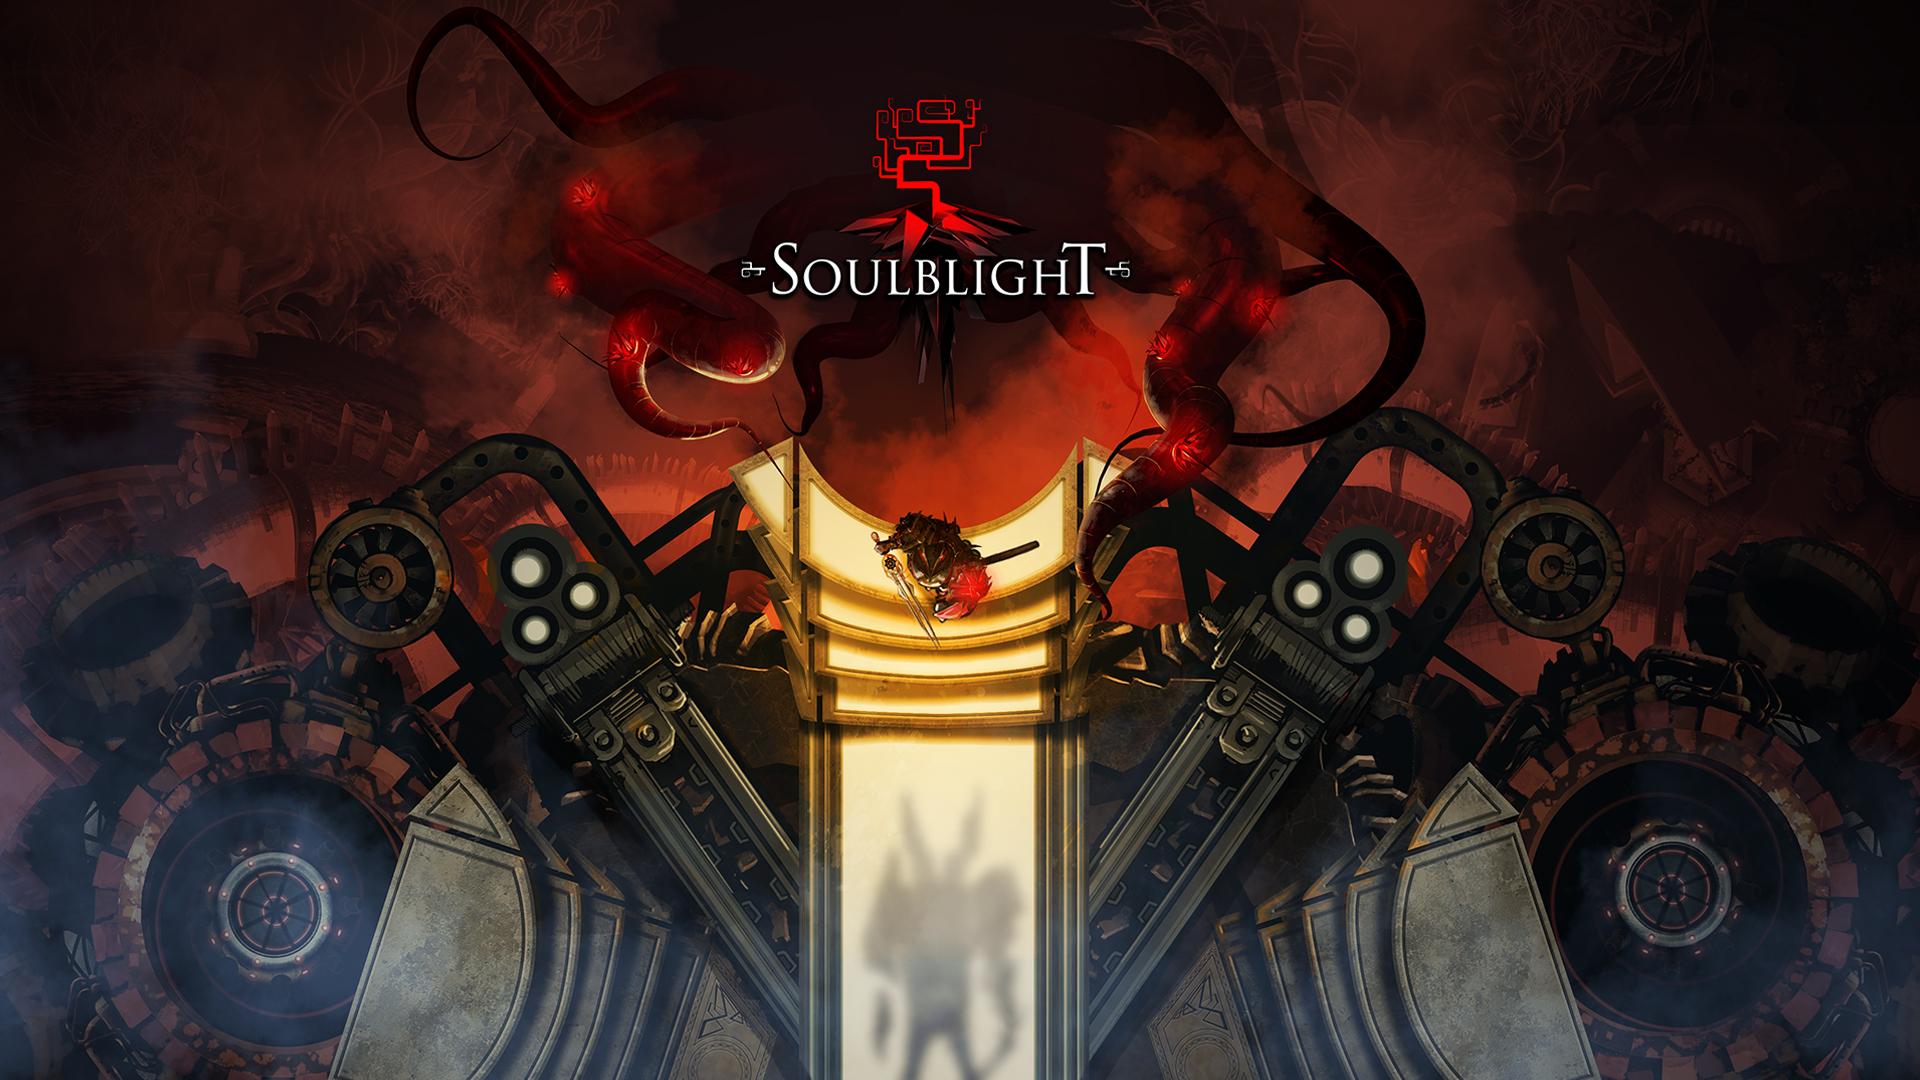 Soulblight_LeadingArt.jpg